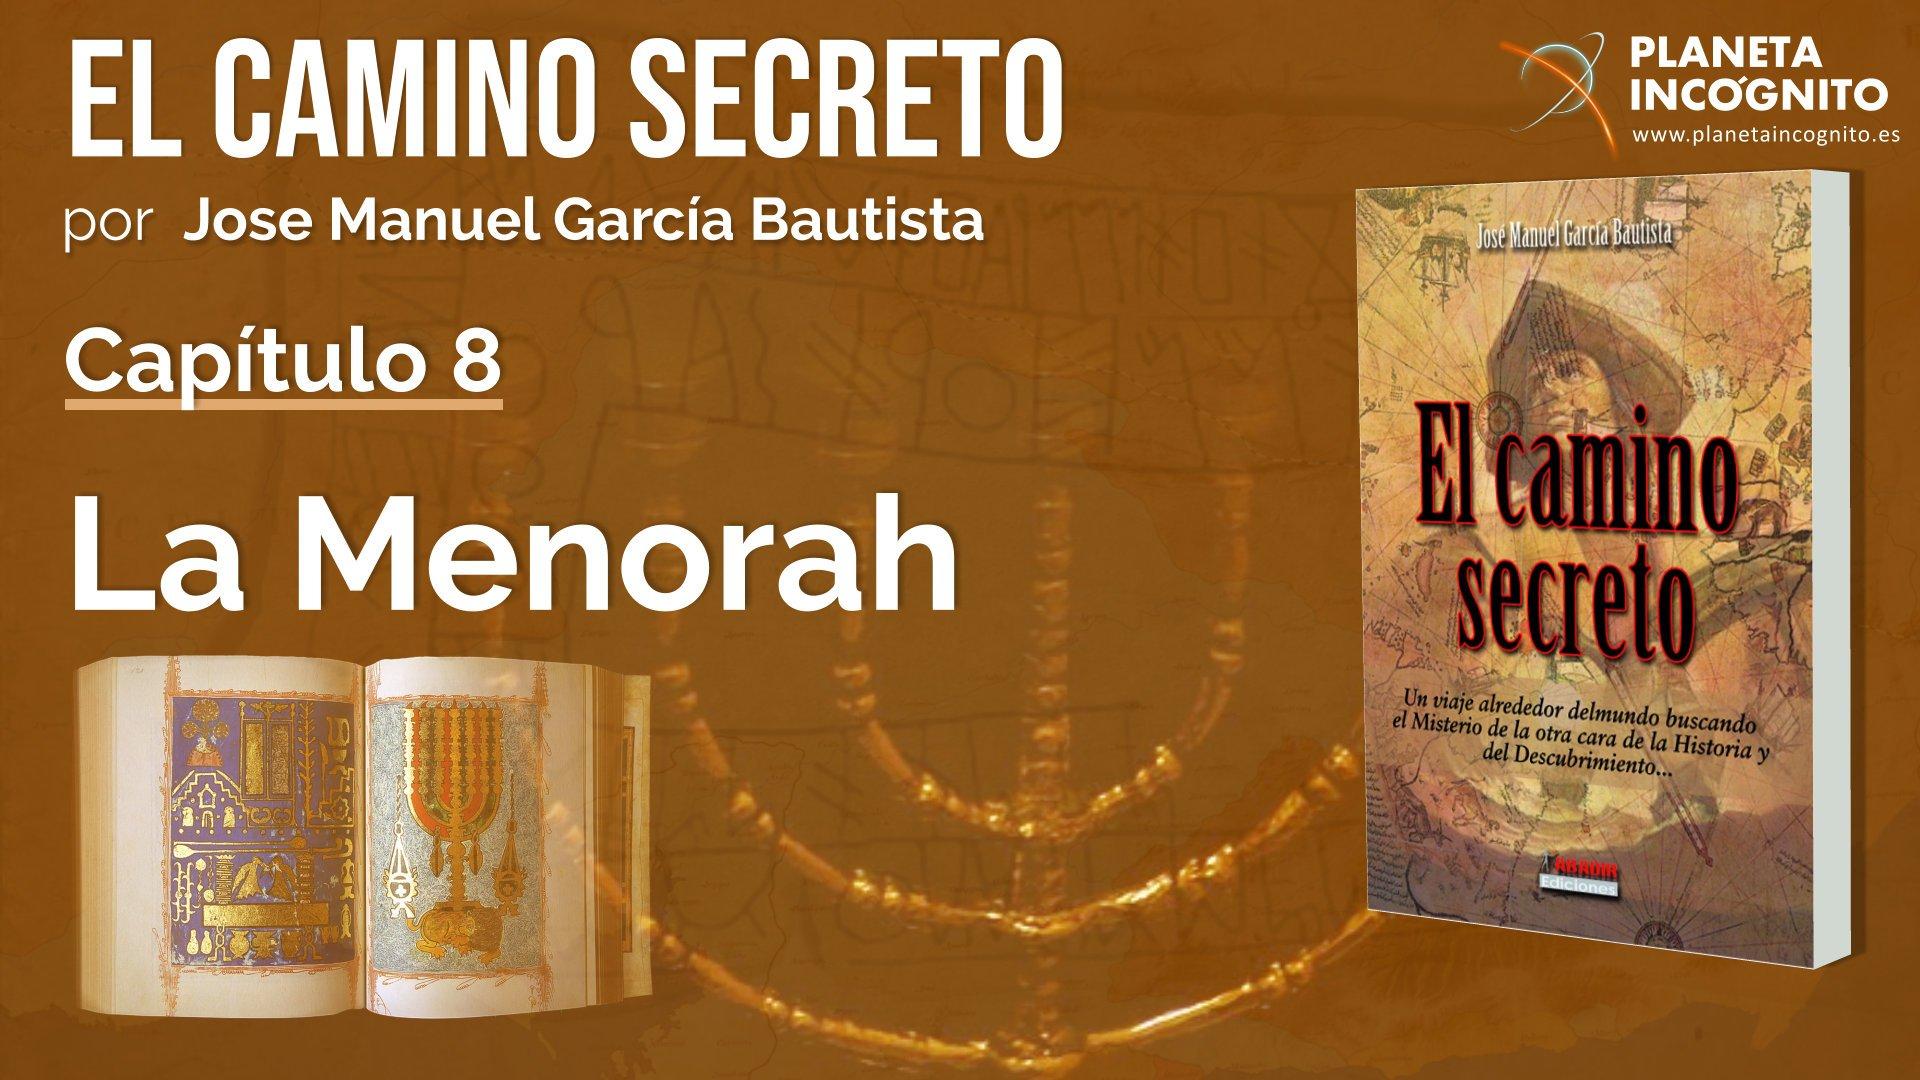 El Camino Secreto – Jose Manuel García Bautista – 9º fascículo – Capítulo 8 – Italia Final : La Menorah